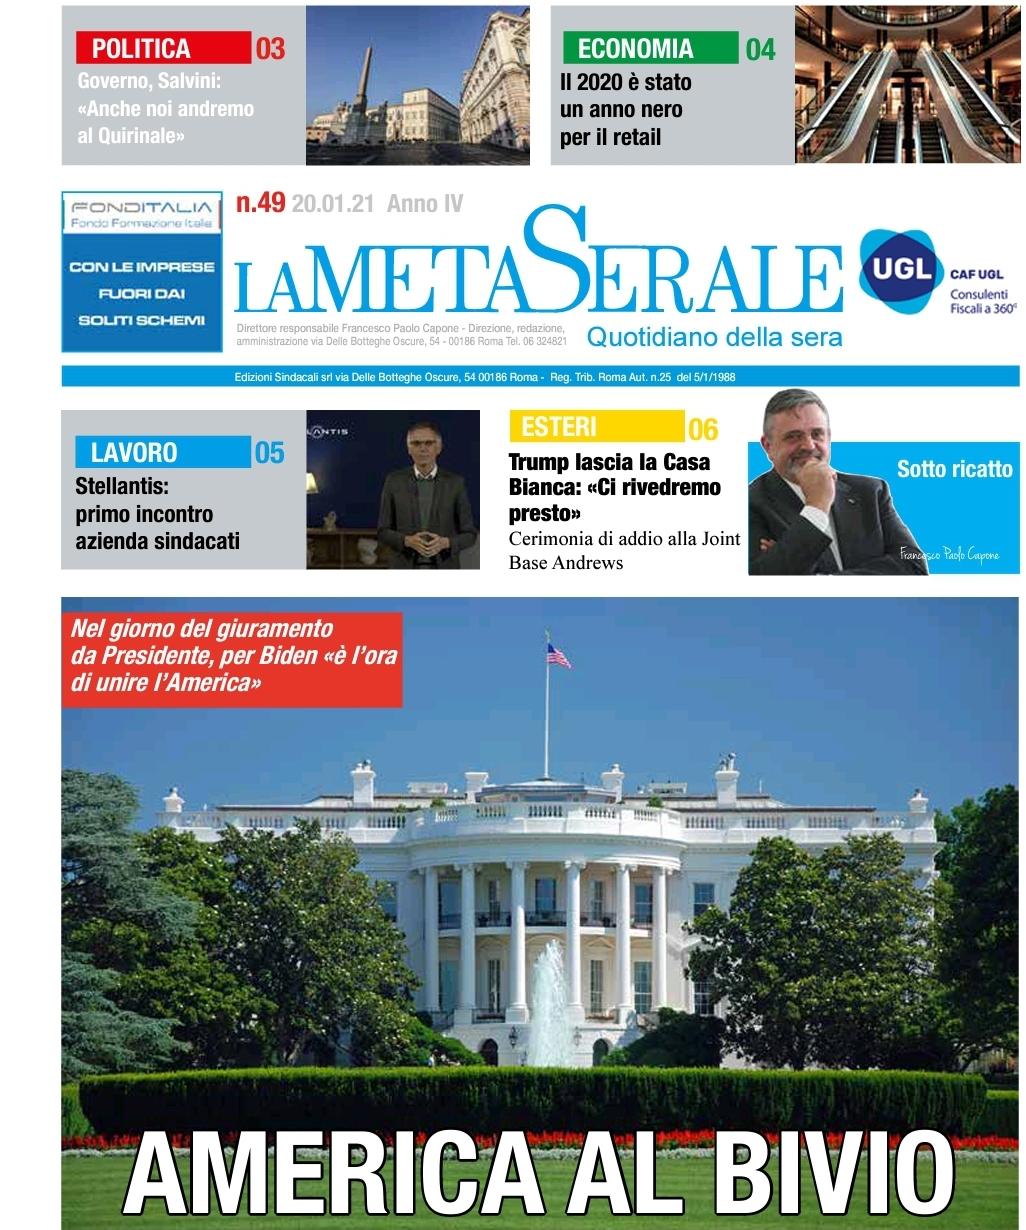 AMERICA AL BIVIO – Anno 2020 nero per il Retail – Capone/UGL: Sotto Ricatto